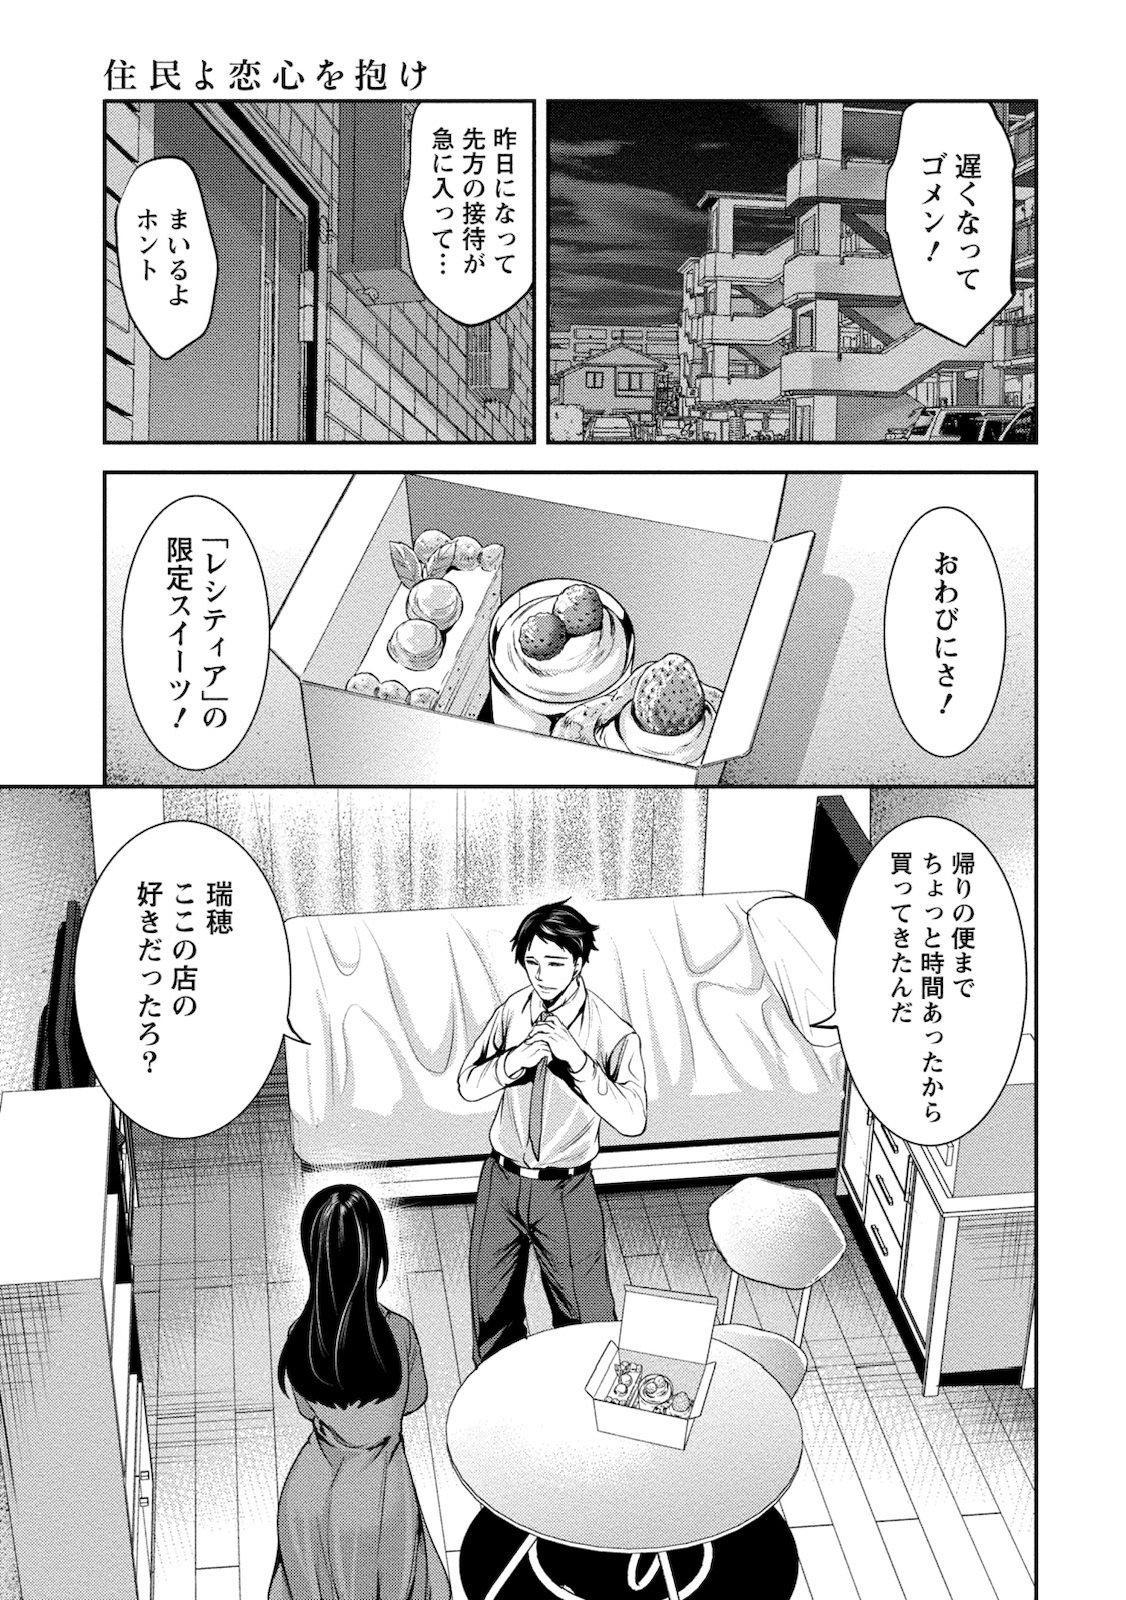 Juumin yo Koigokoro o Idake 2 68